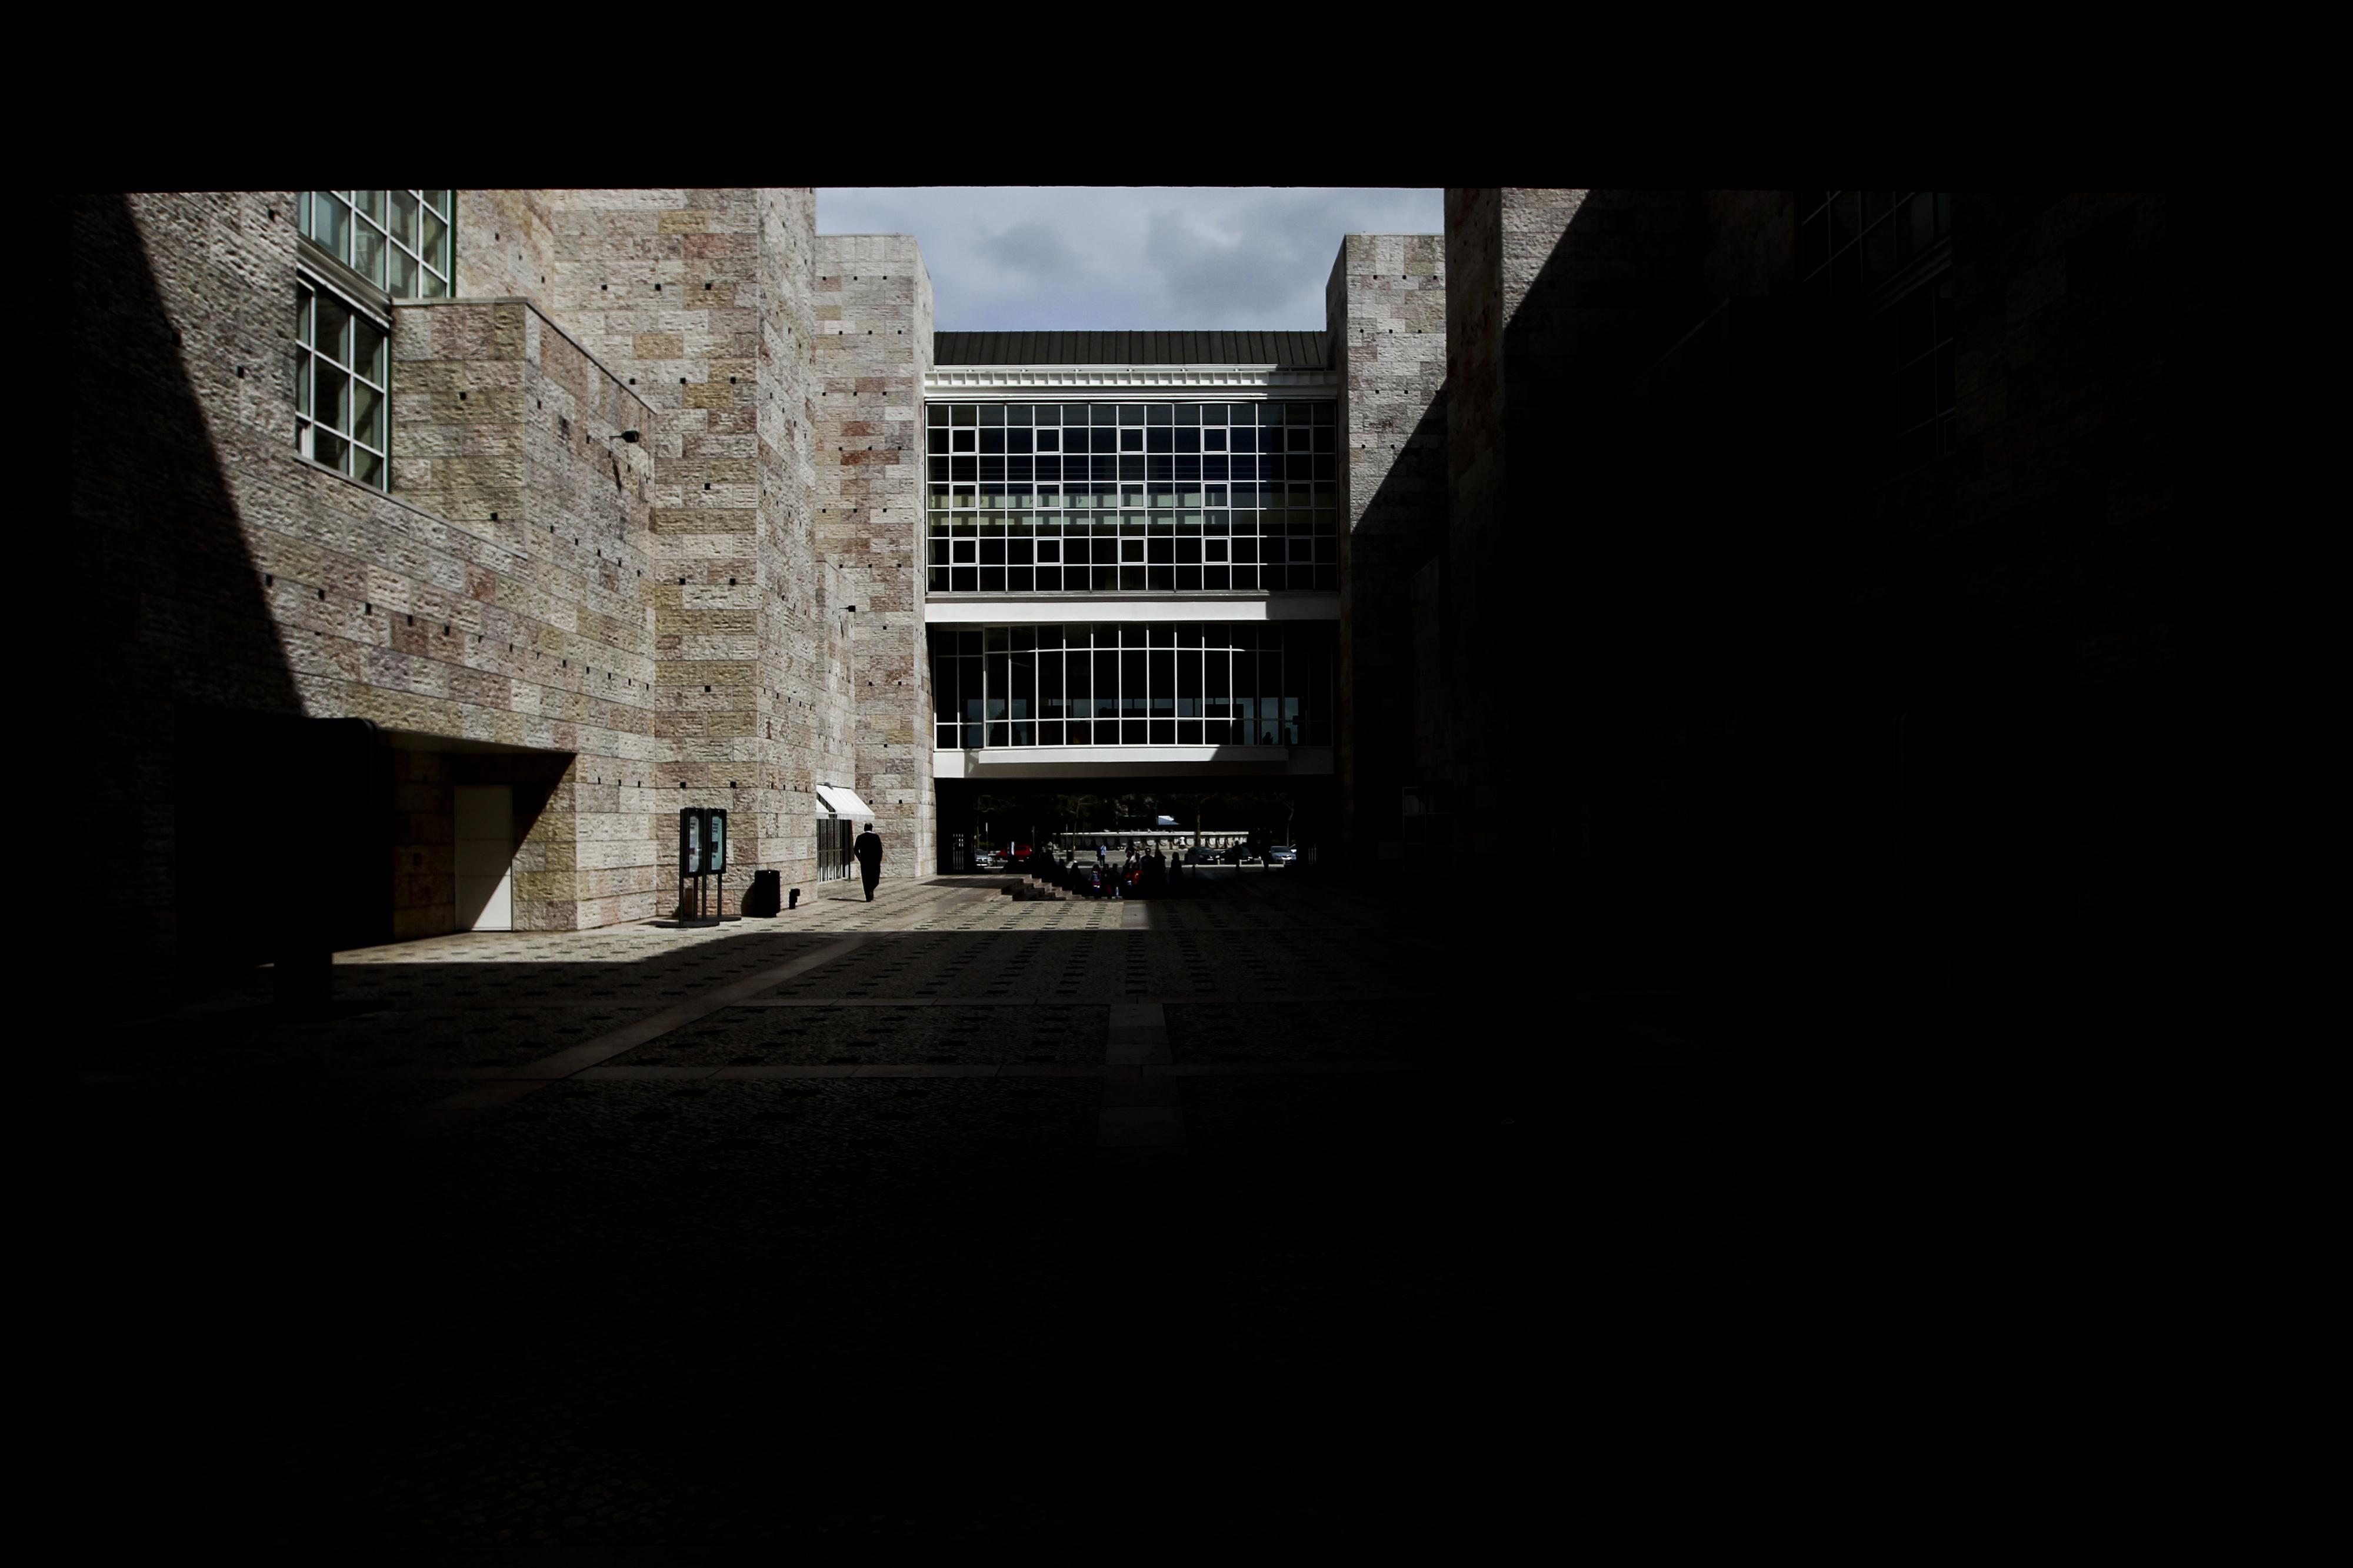 """Companhia Maior leva """"O lugar do canto está vazio"""" ao Centro Cultural de Belém"""